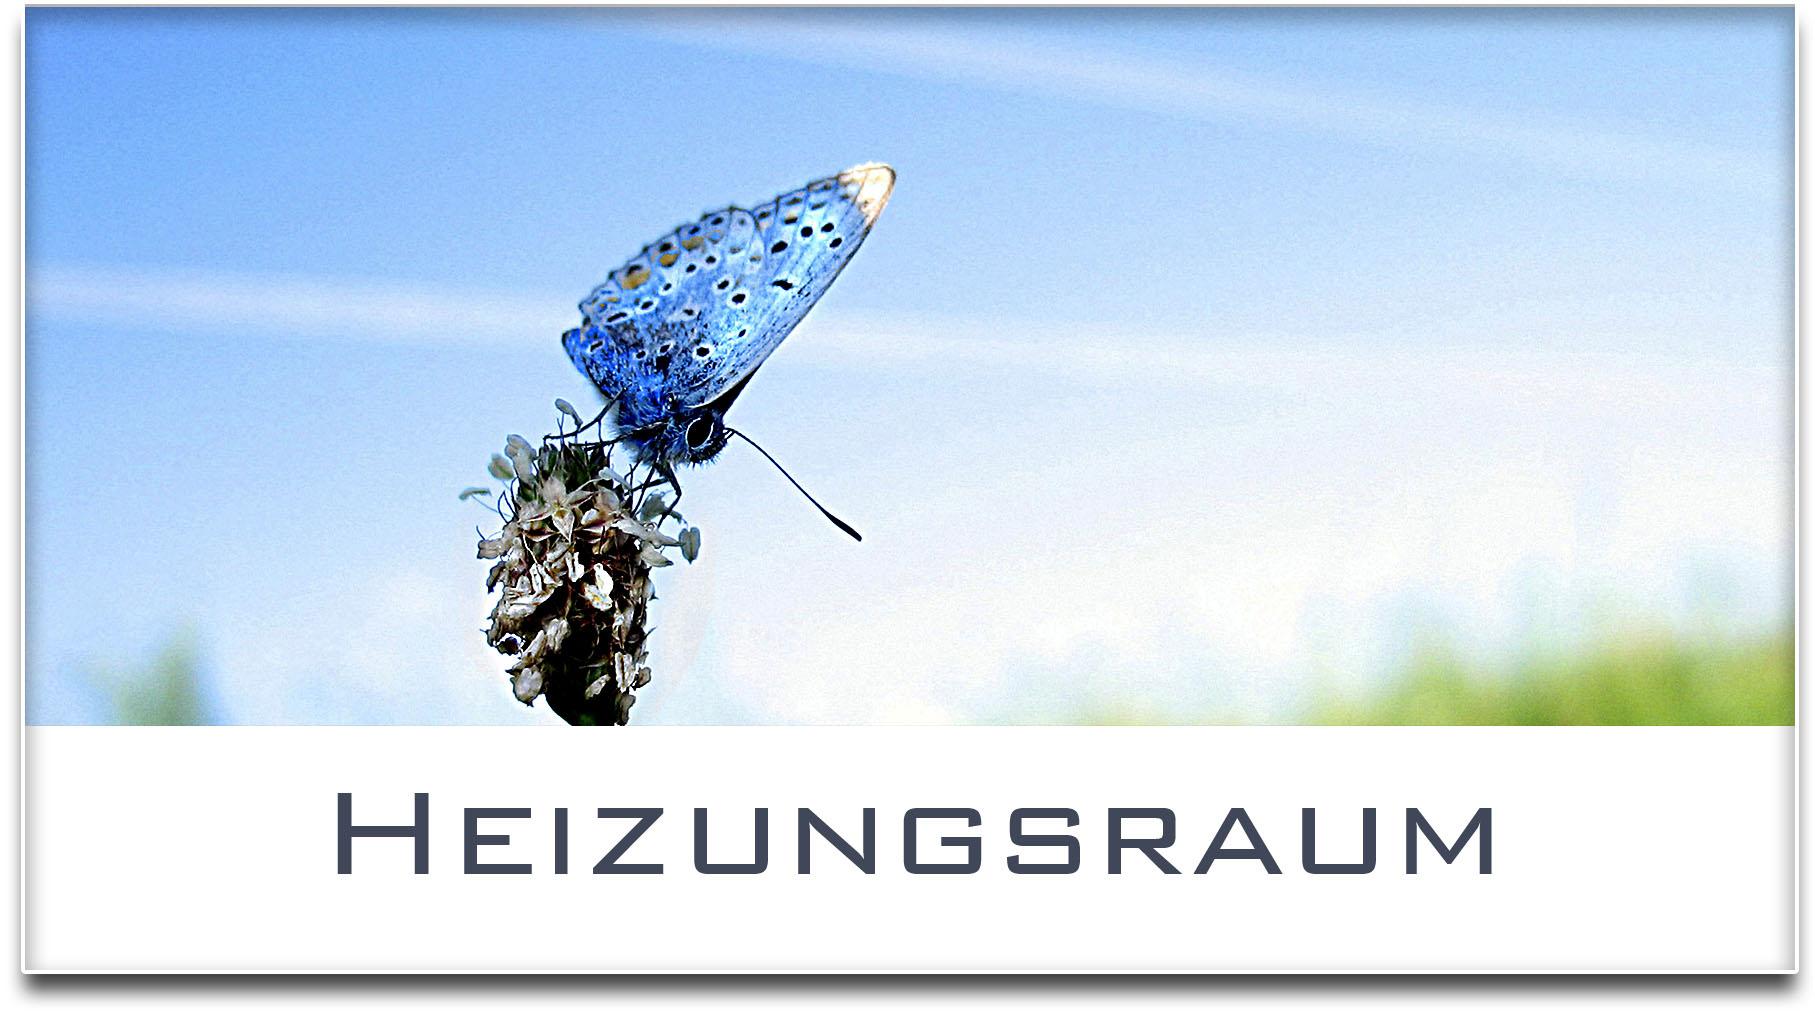 Türschild / Haustürschild / Schmetterling / Heizungsraum / Selbstklebend